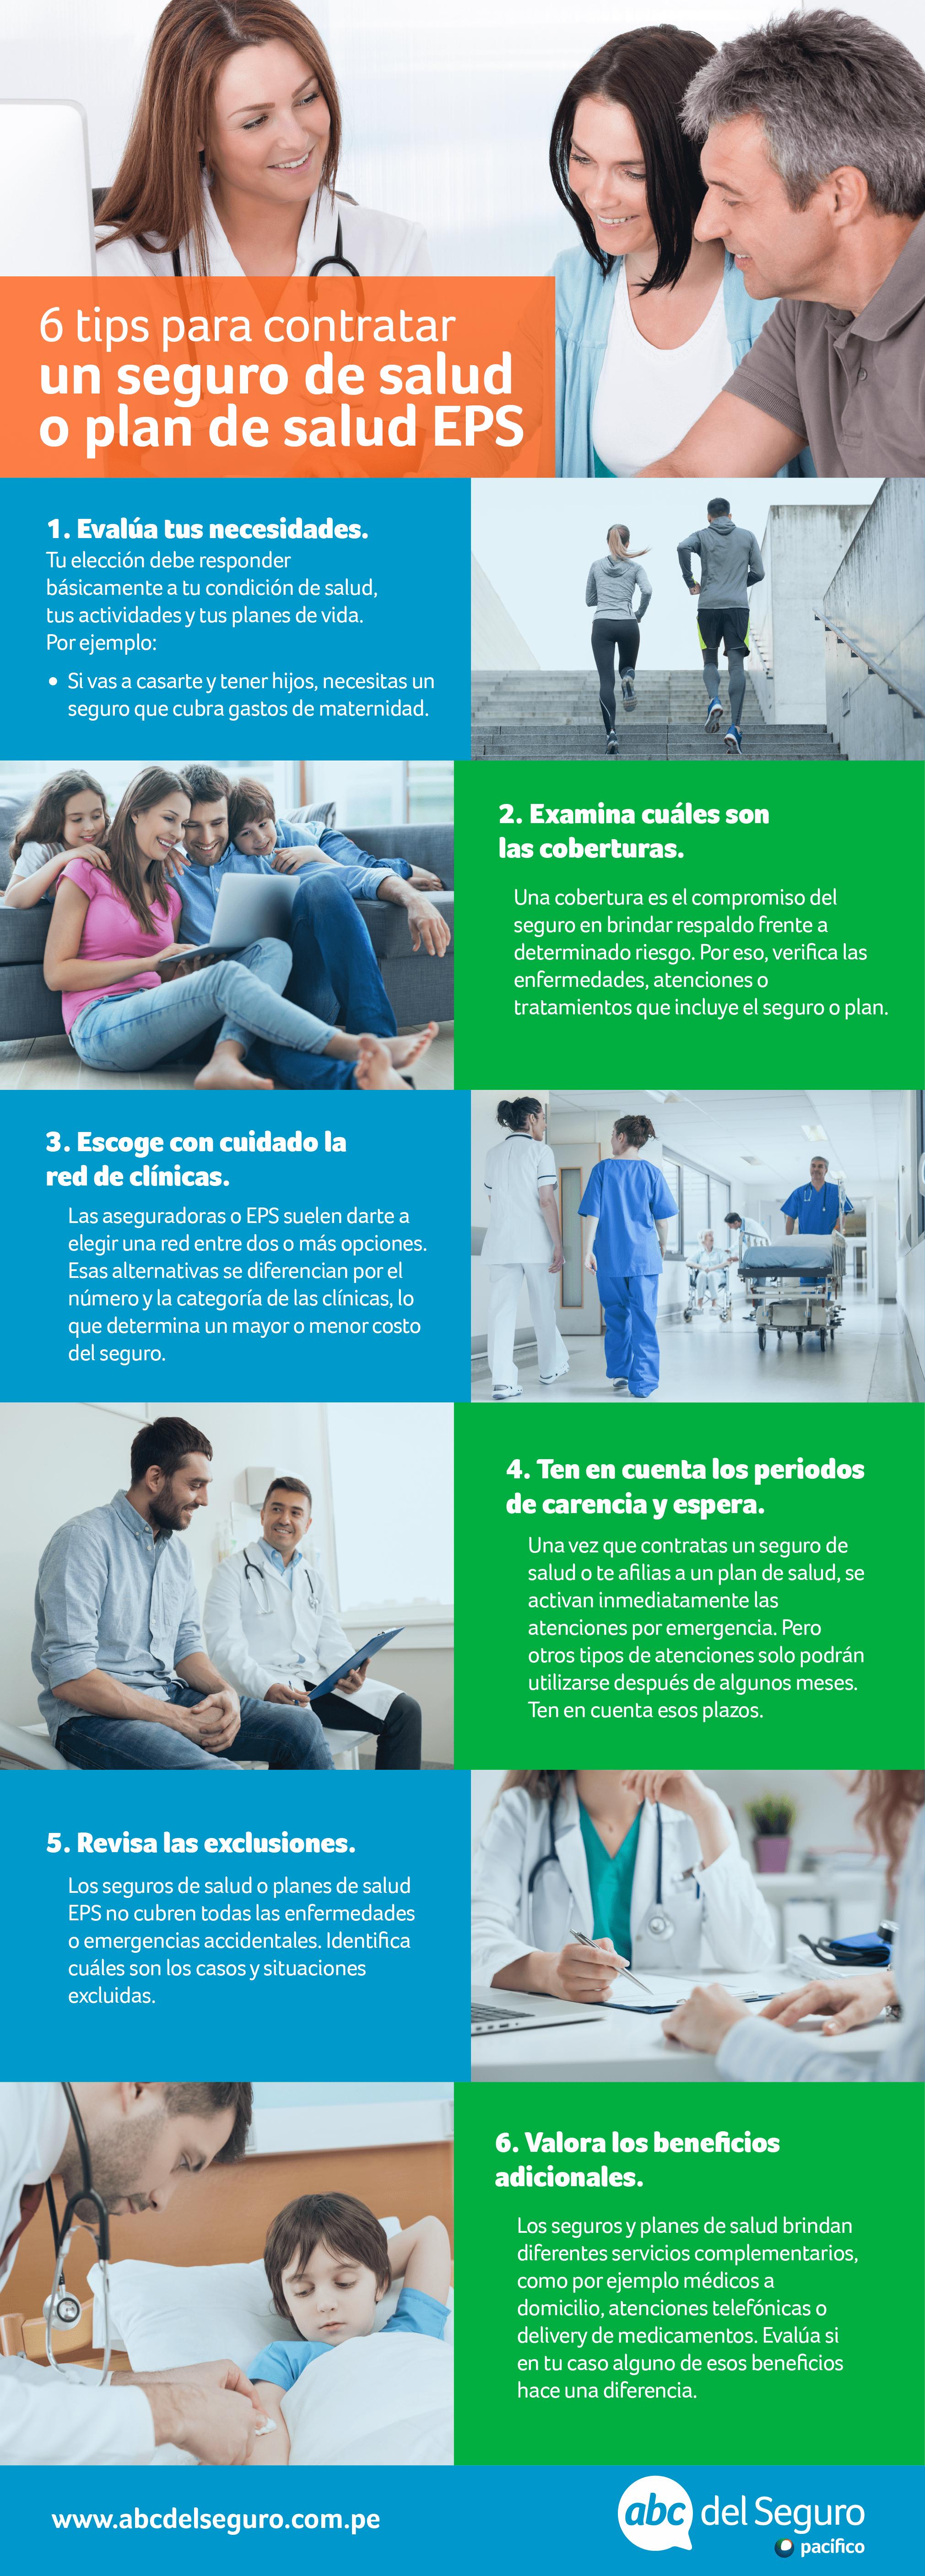 tips-contratar-seguro-salud